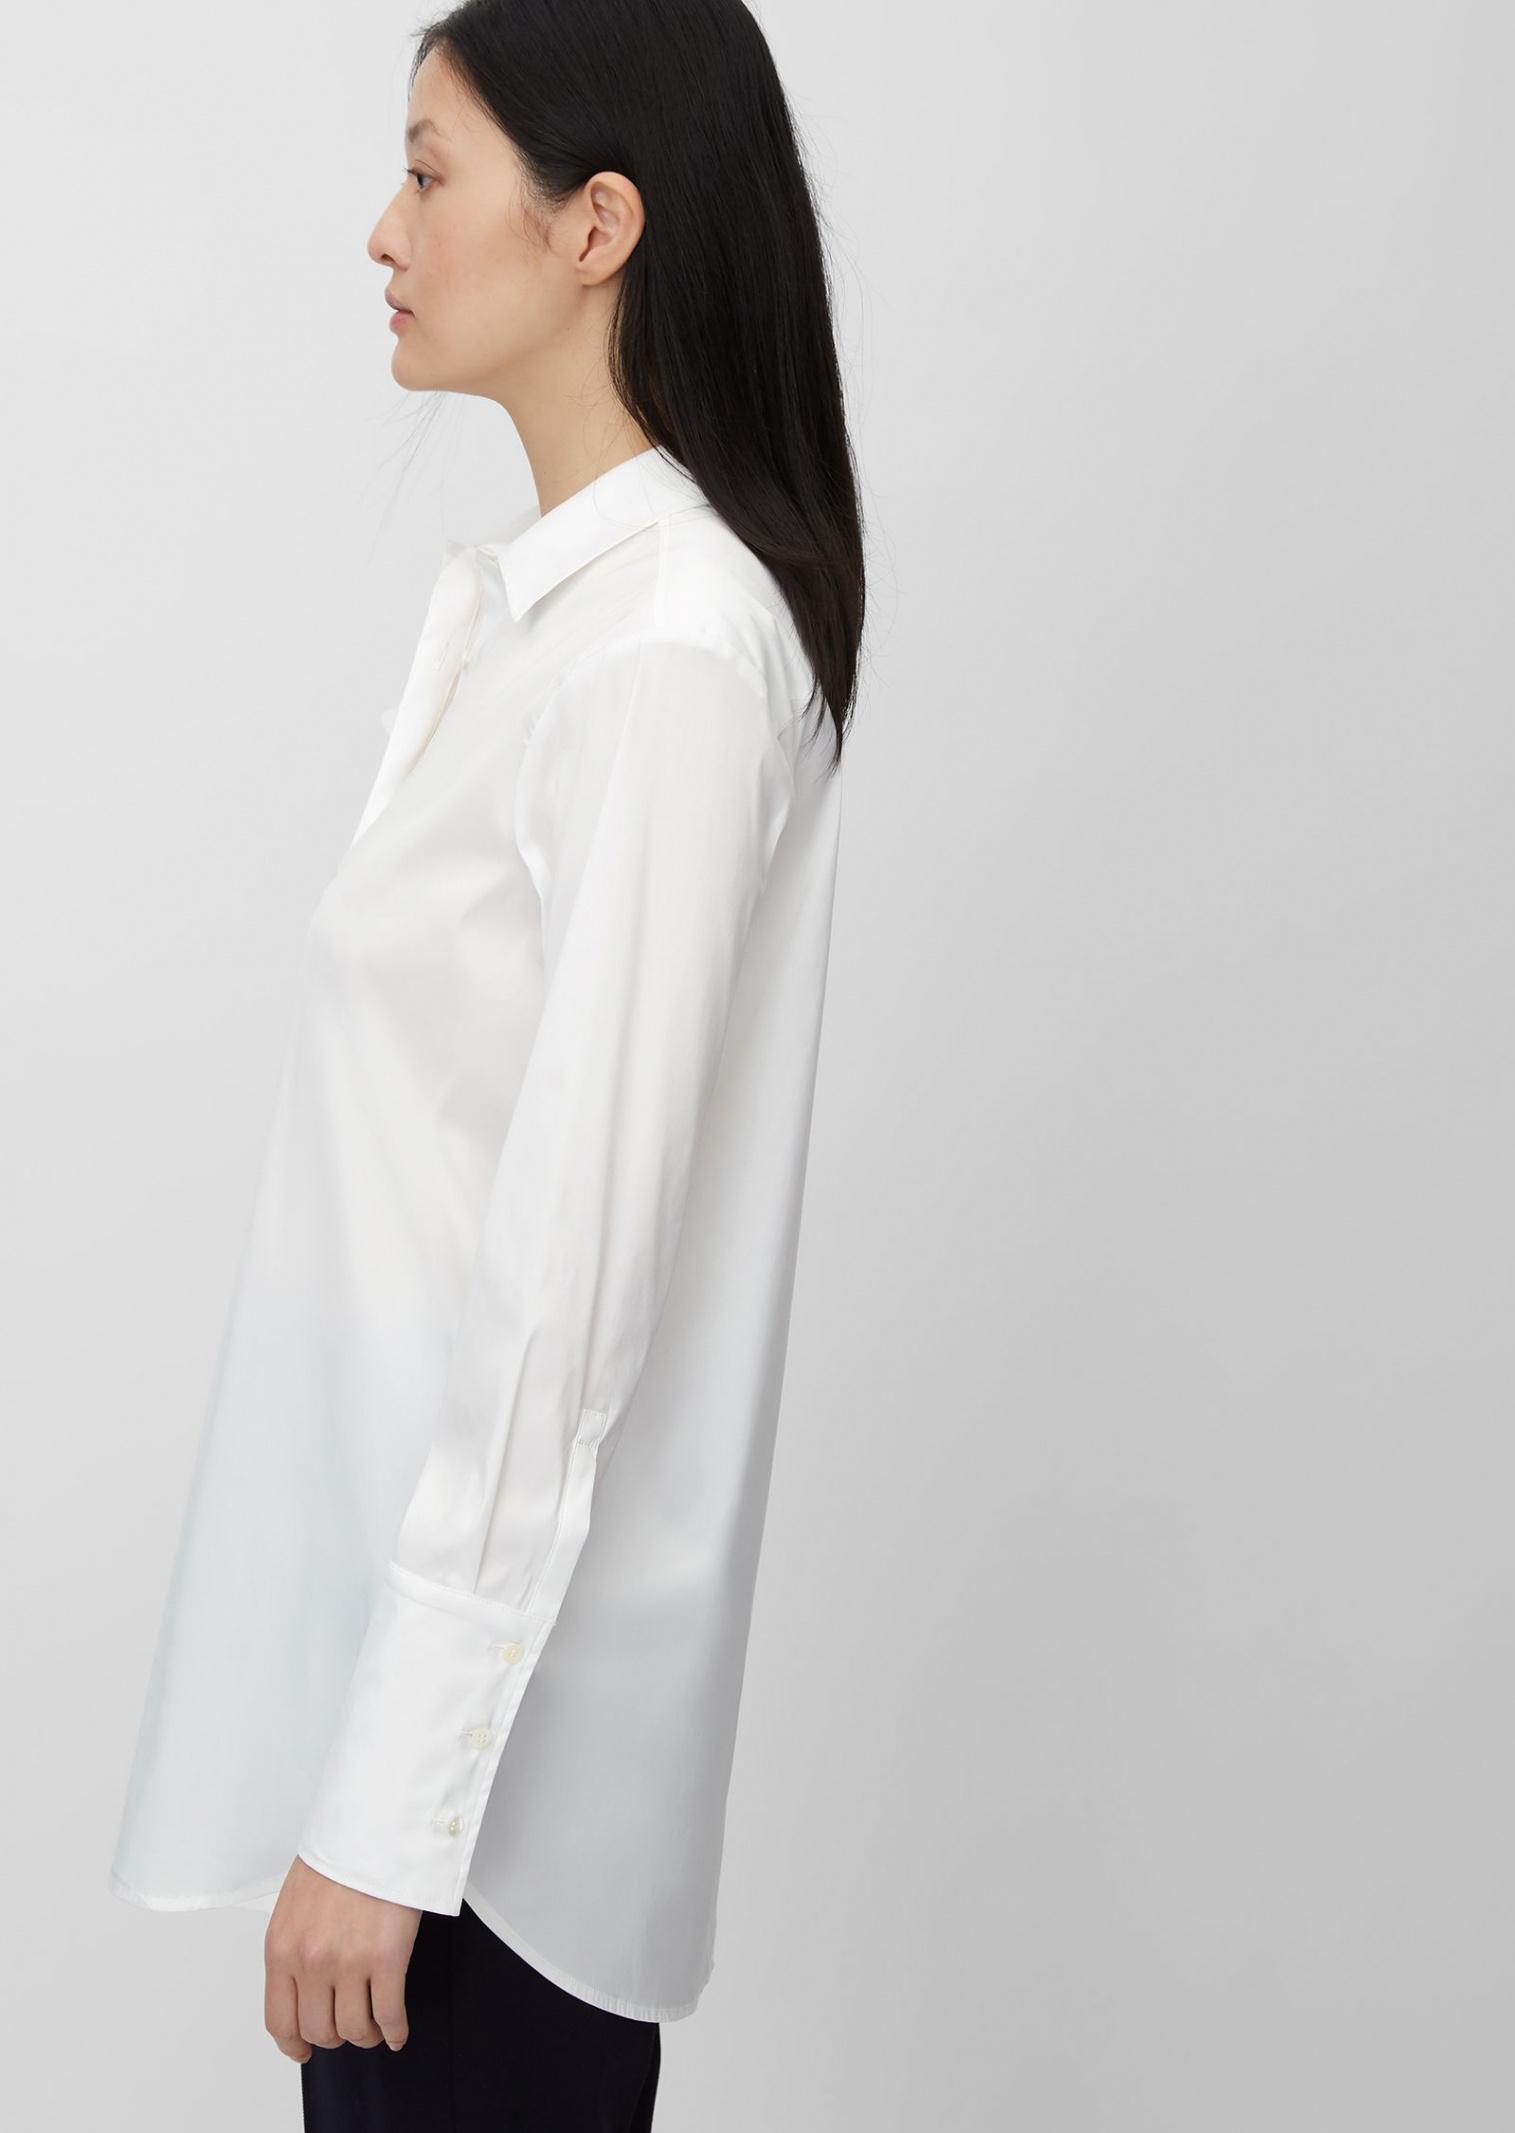 Блуза женские MARC O'POLO Pure модель PF3952 приобрести, 2017